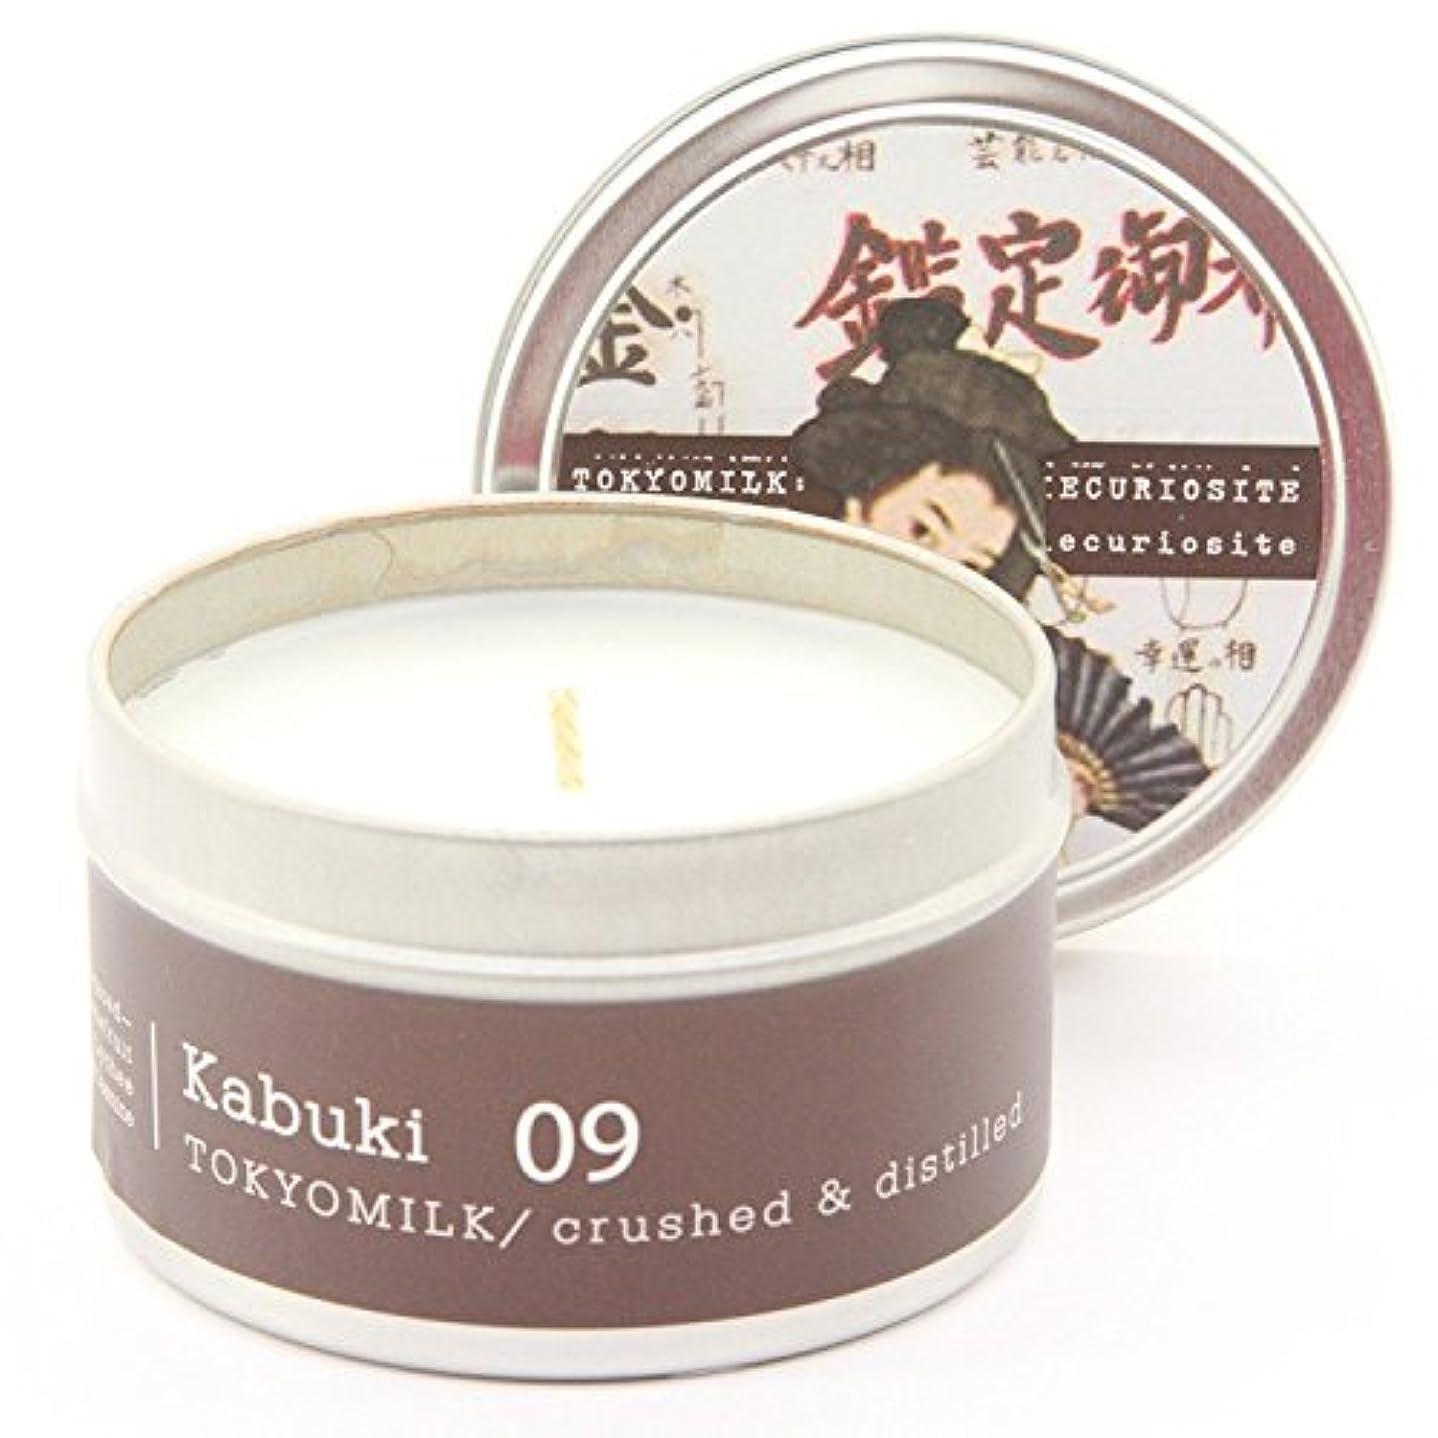 朝の体操をする大きさ寝る東京ミルク's 6 oz Tin Candle